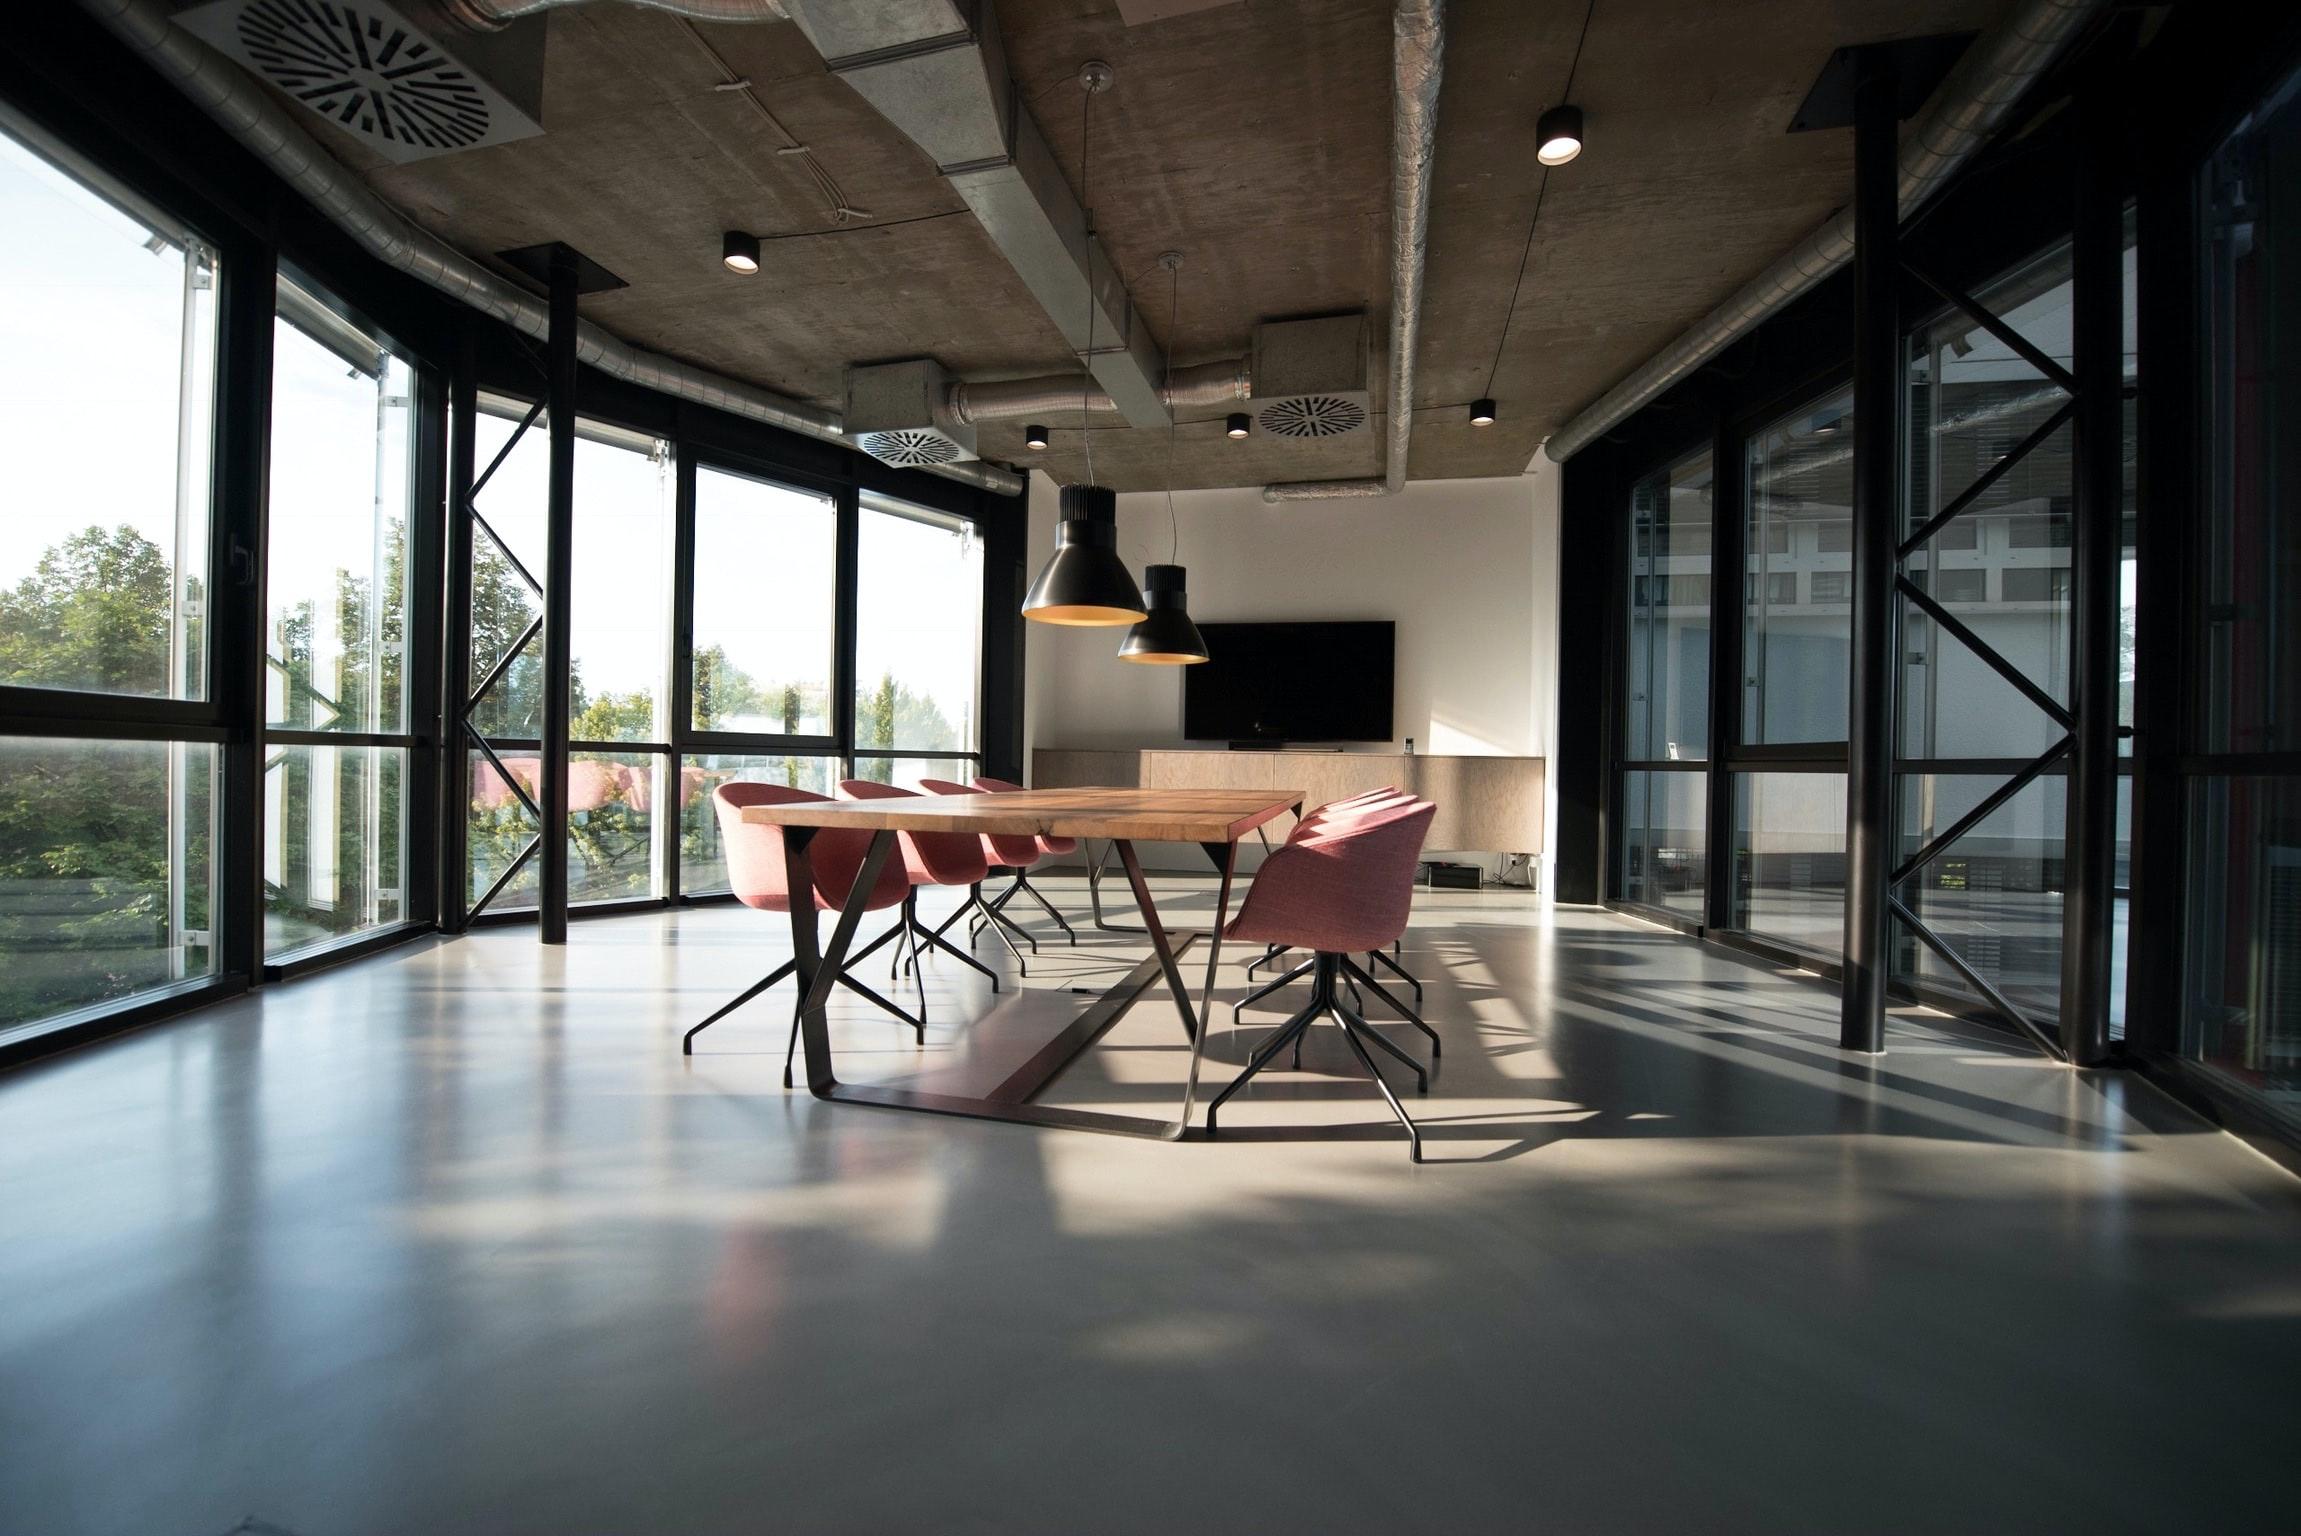 מתי צריך להיעזר בשירותי ניקוי חלונות בגובה?